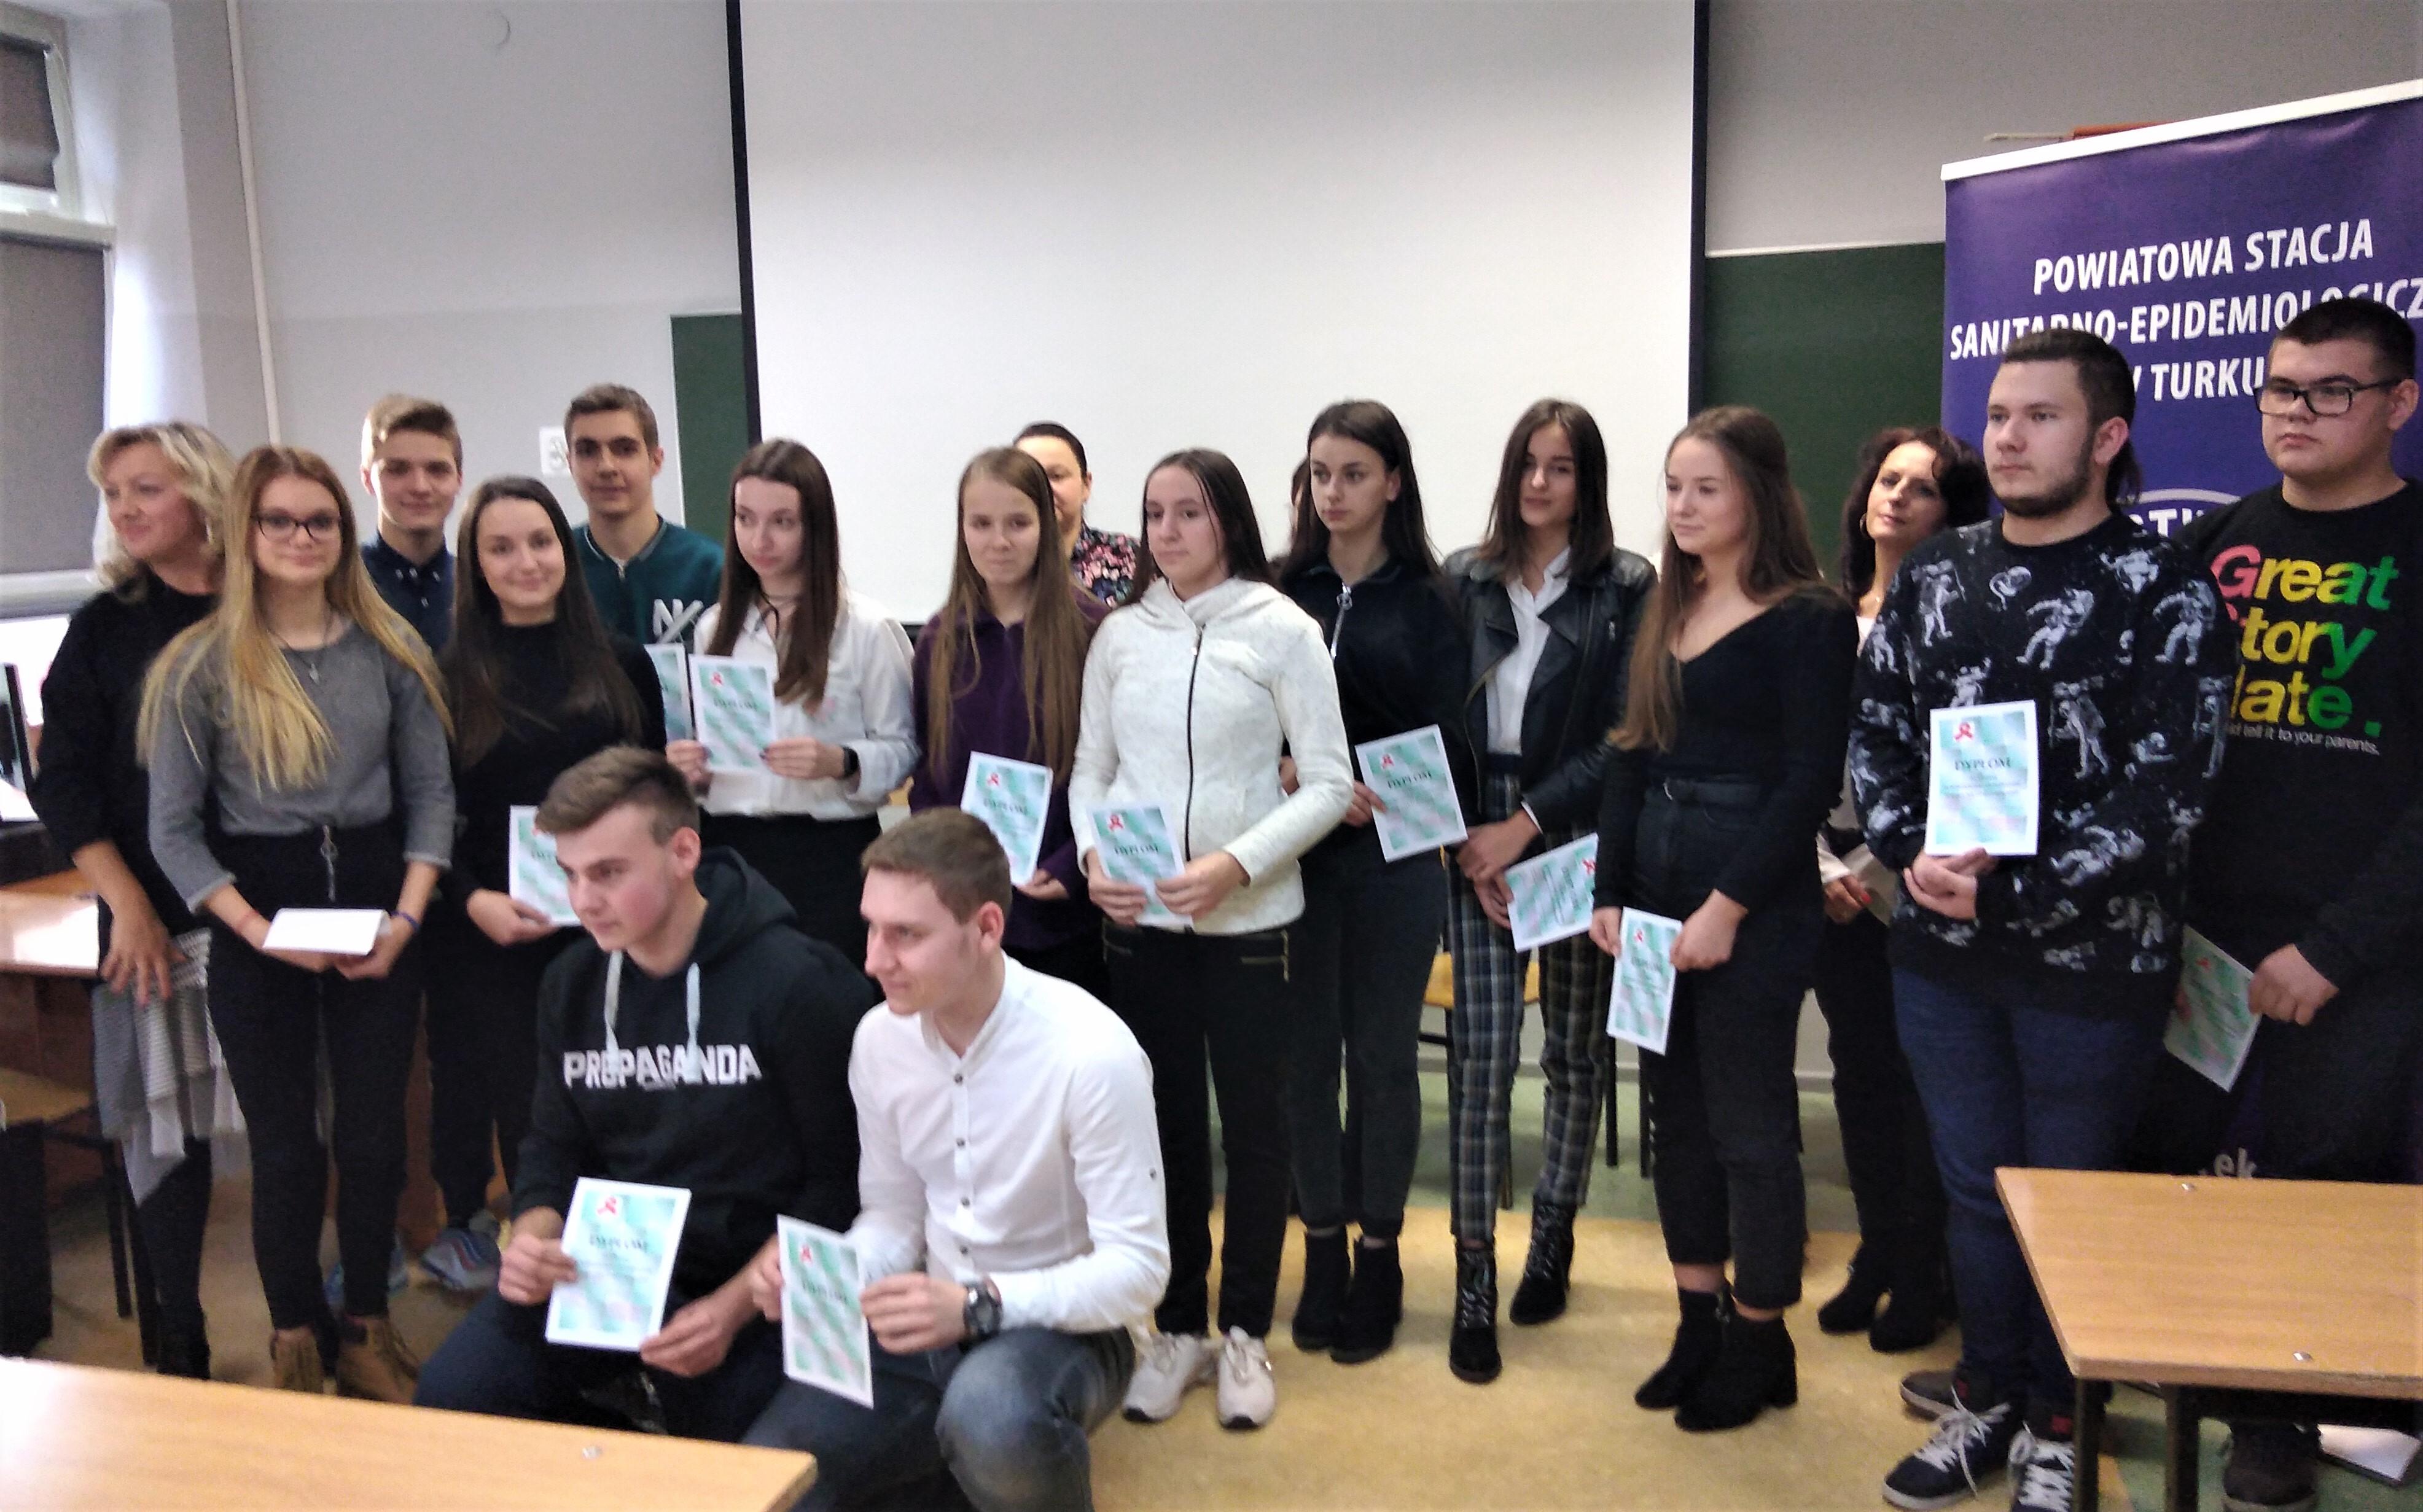 Uczniowie ZSR na podium  Powiatowej Olimpiady Wiedzy o  HIV i AIDS